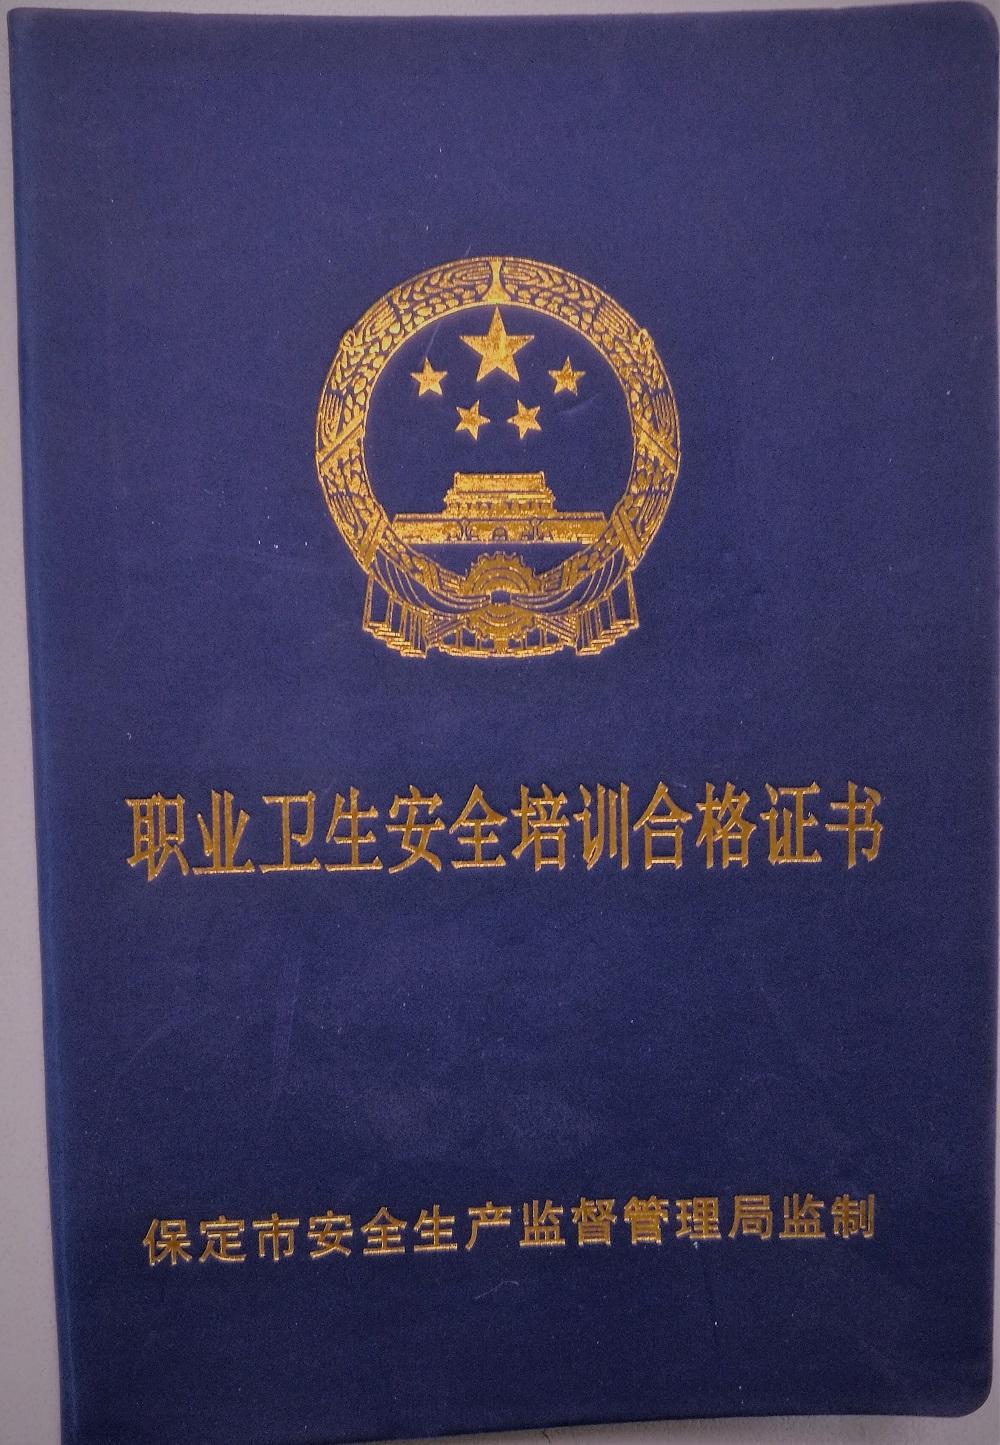 职业卫生安全培训合格证书